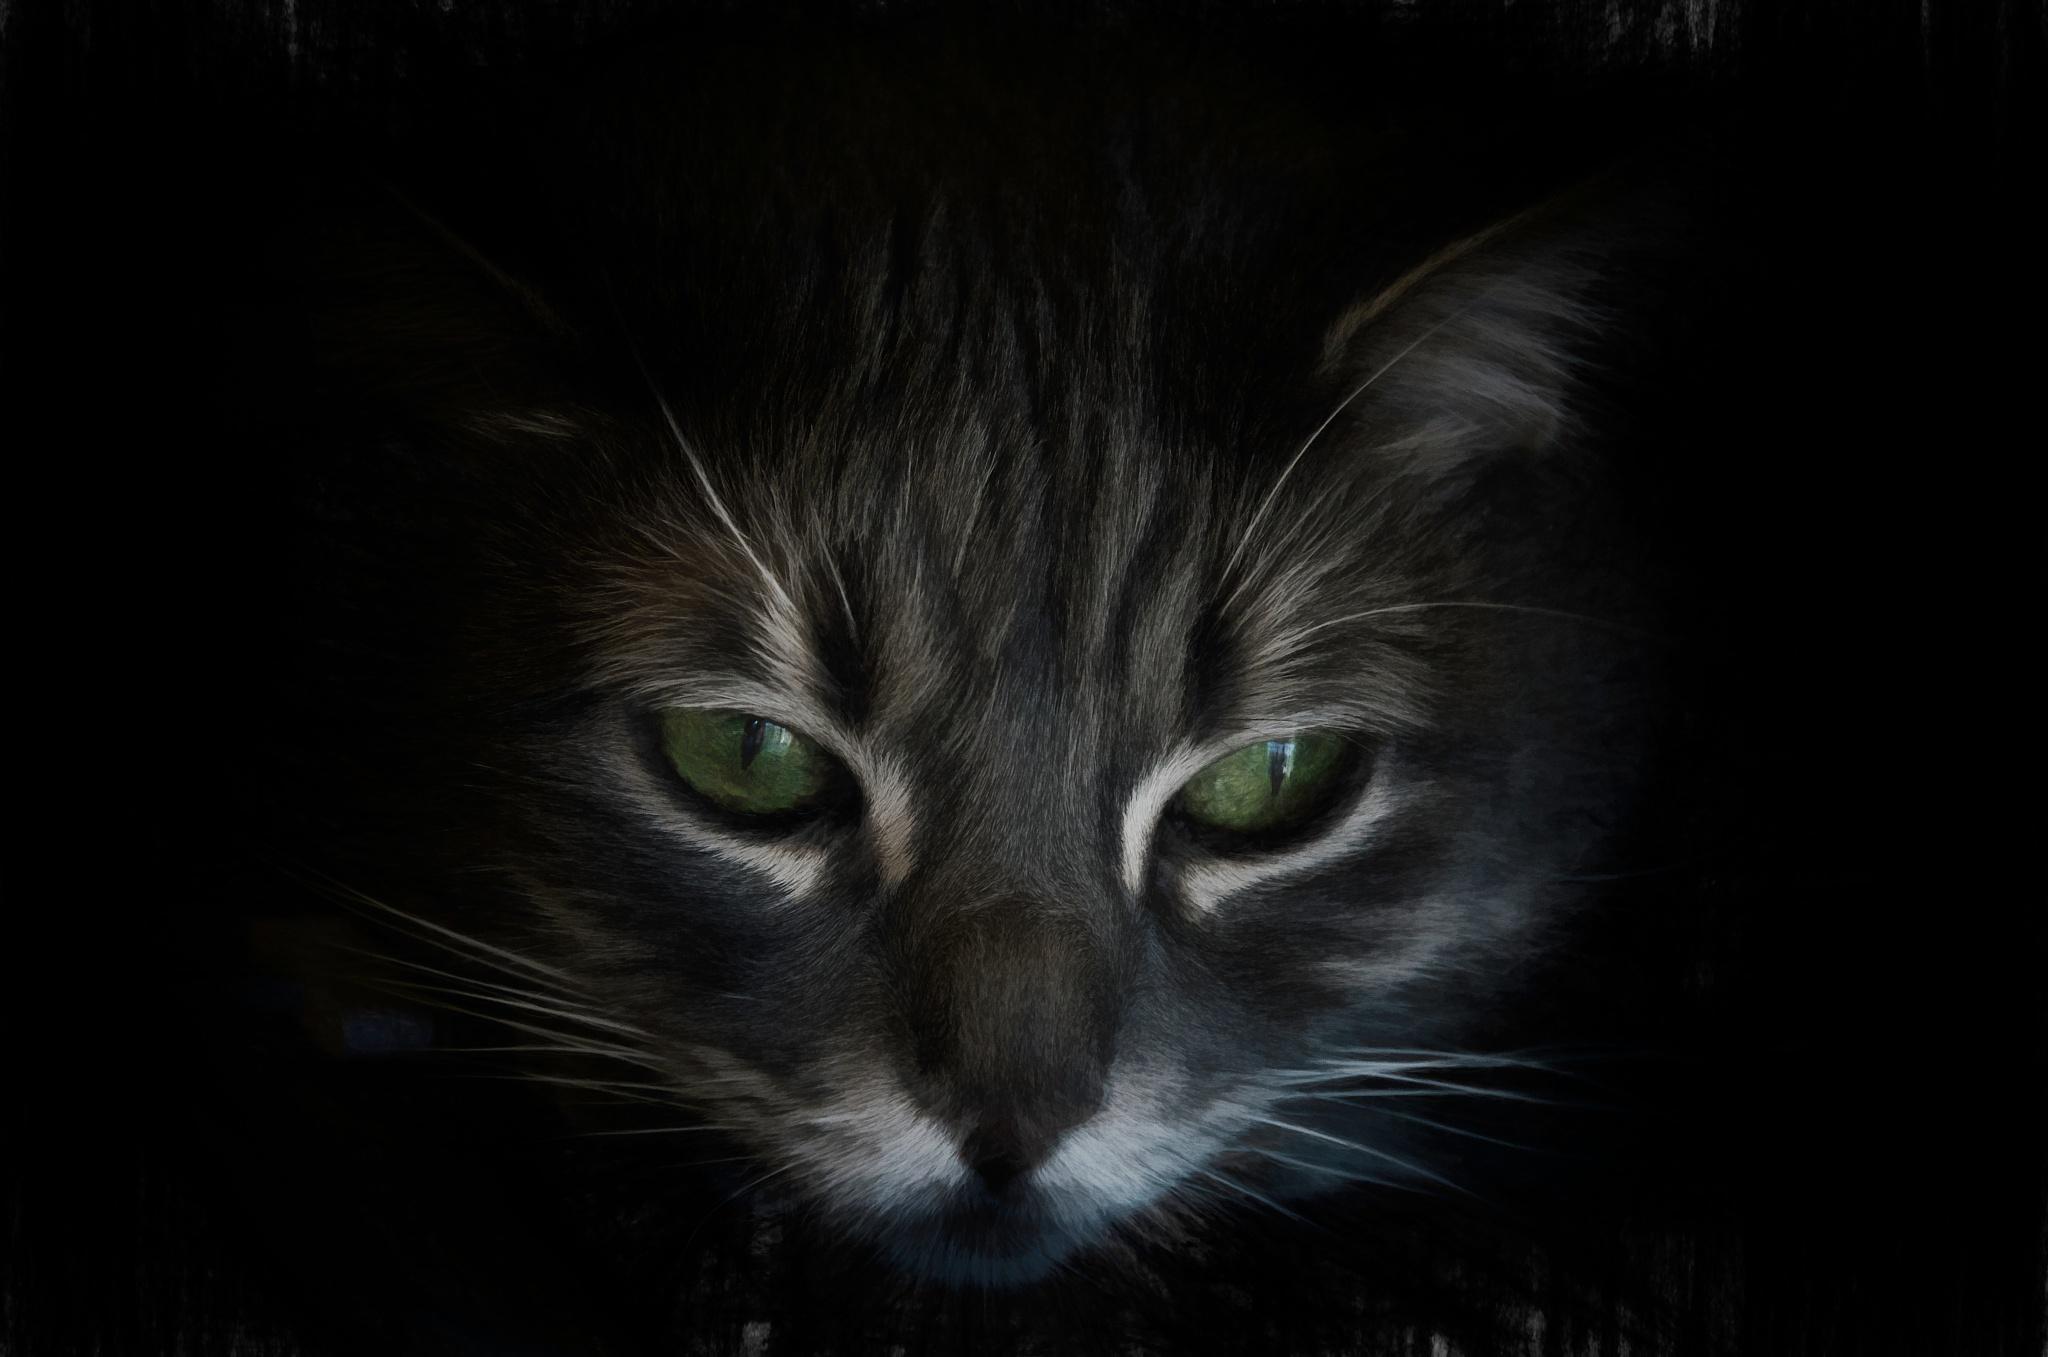 Cat Portrait 3 by JohnEllingson